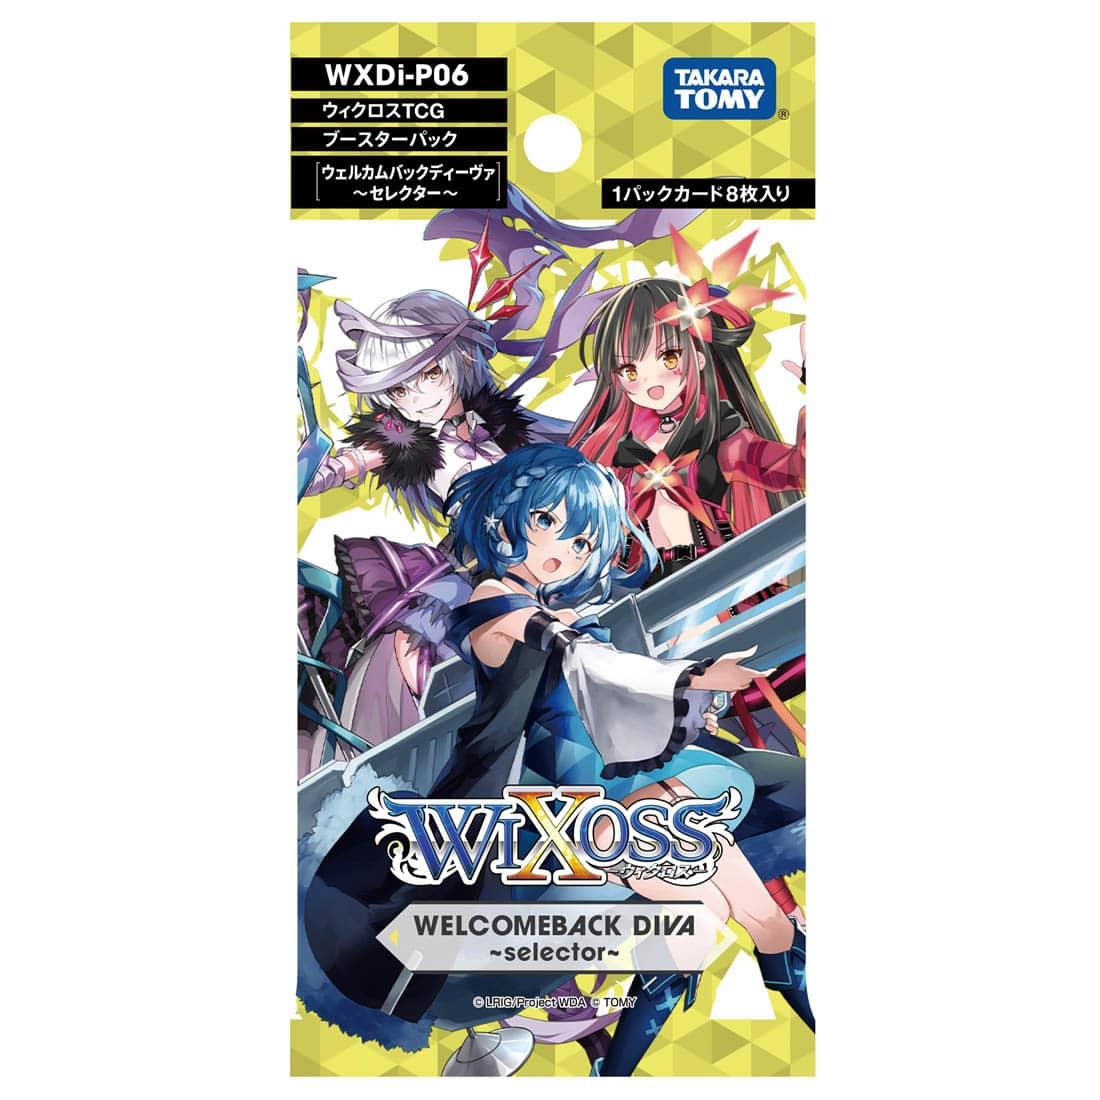 ウィクロスTCG ブースターパック WXDi-P06『WELCOME BACK DIVA ~selector~(ウェルカムバック ディーヴァ セレクター)』WIXOSS DP-BOX-002